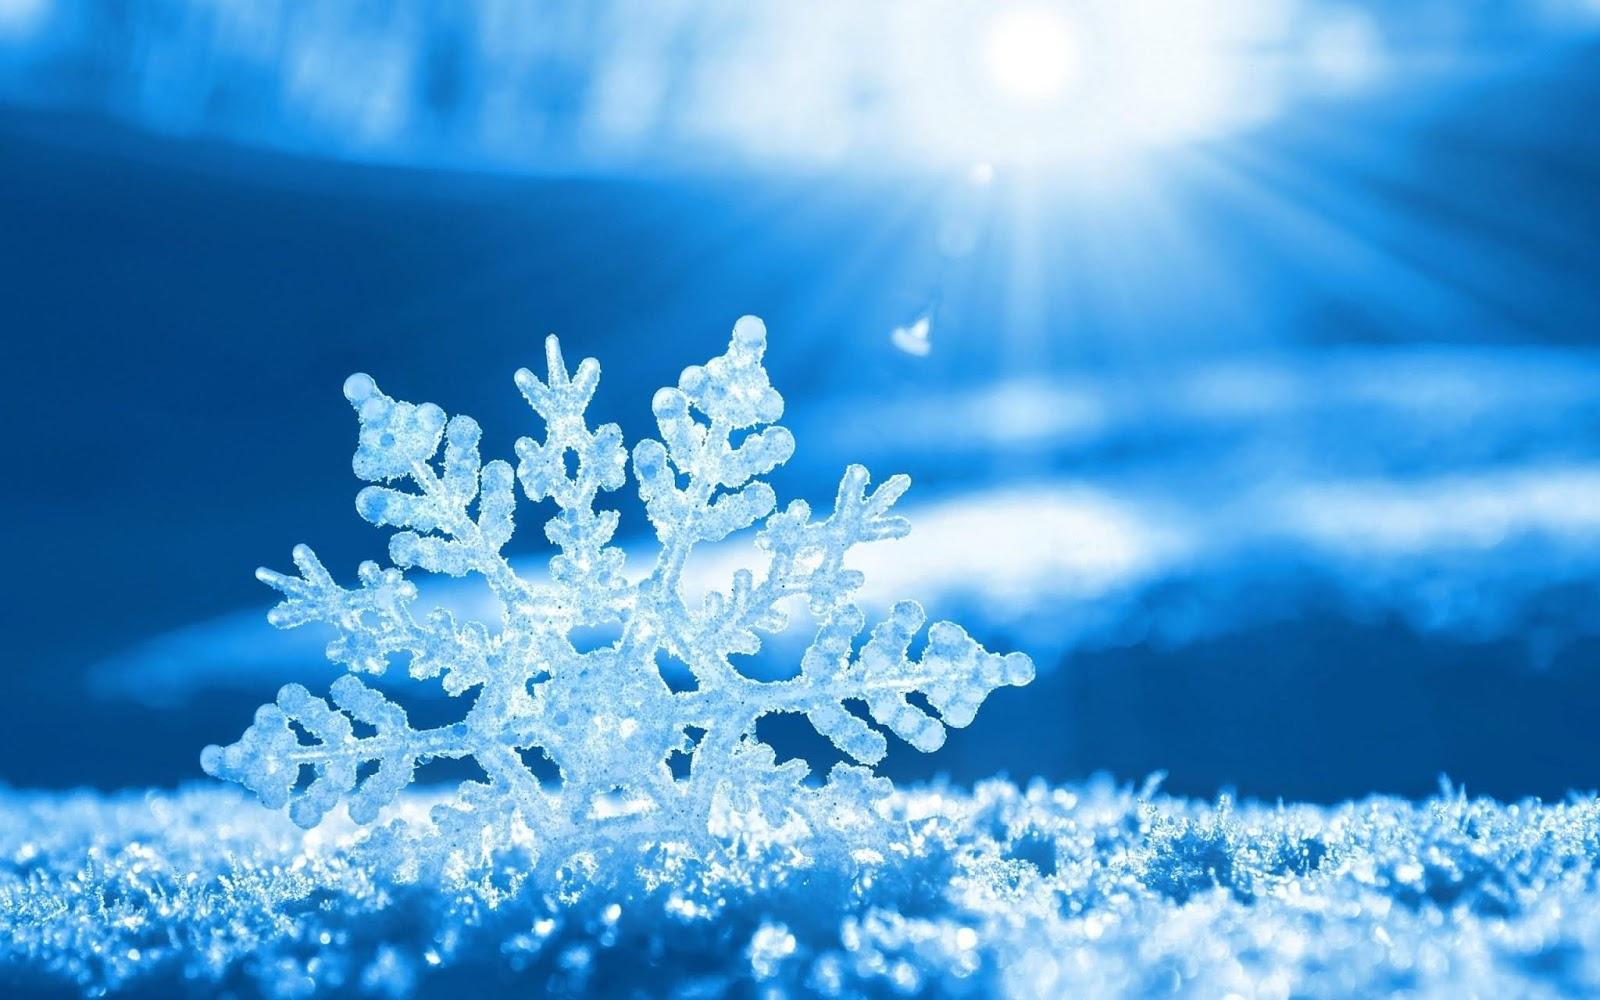 hình nền hoa tuyết long lanh trong ánh nắng